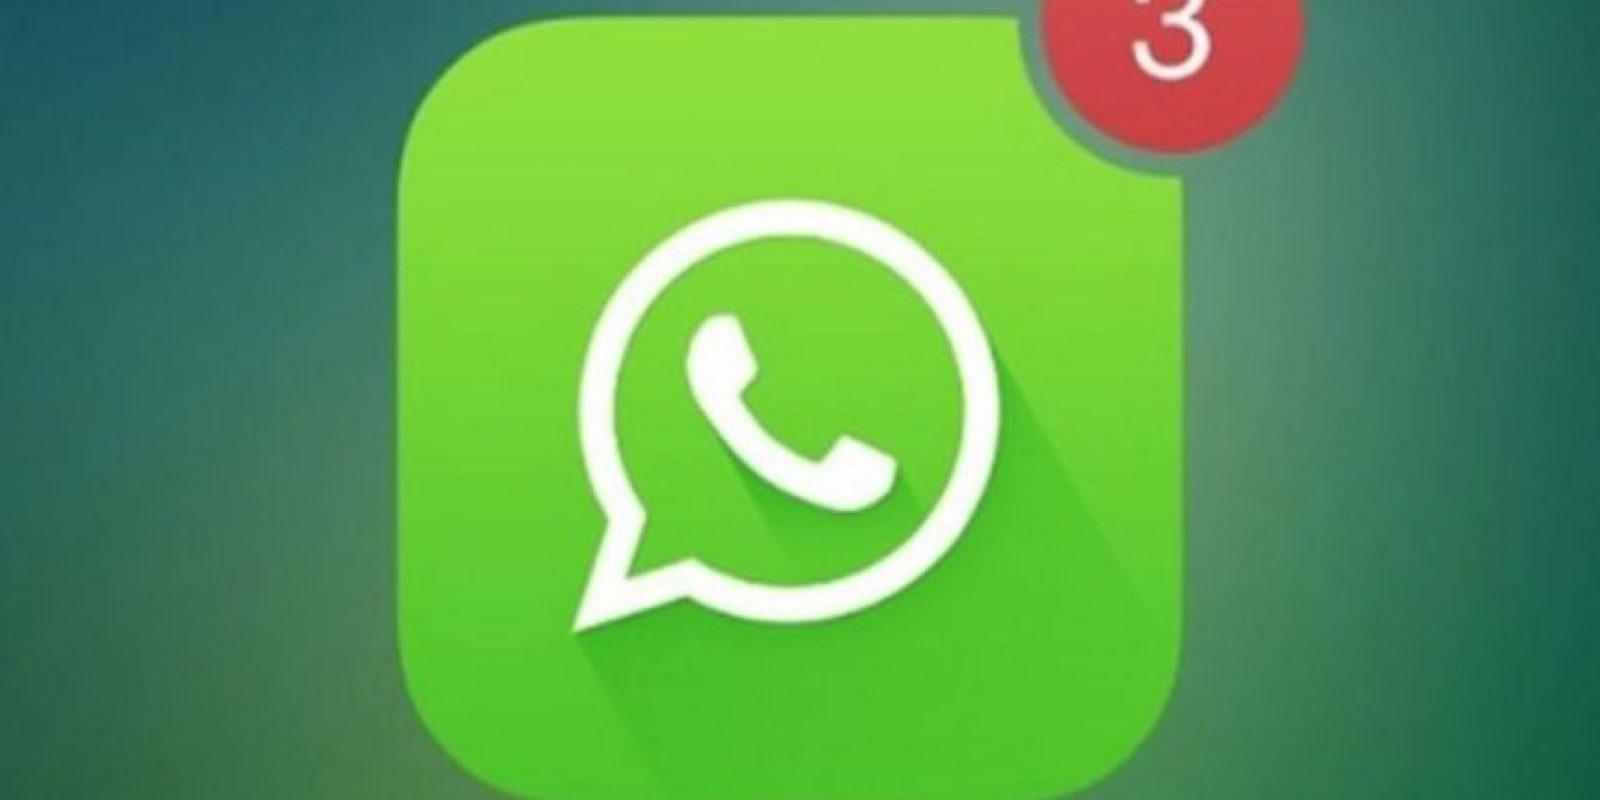 Usuarios de WhatsApp quieren nuevas funciones en la aplicación. Foto:Tumblr